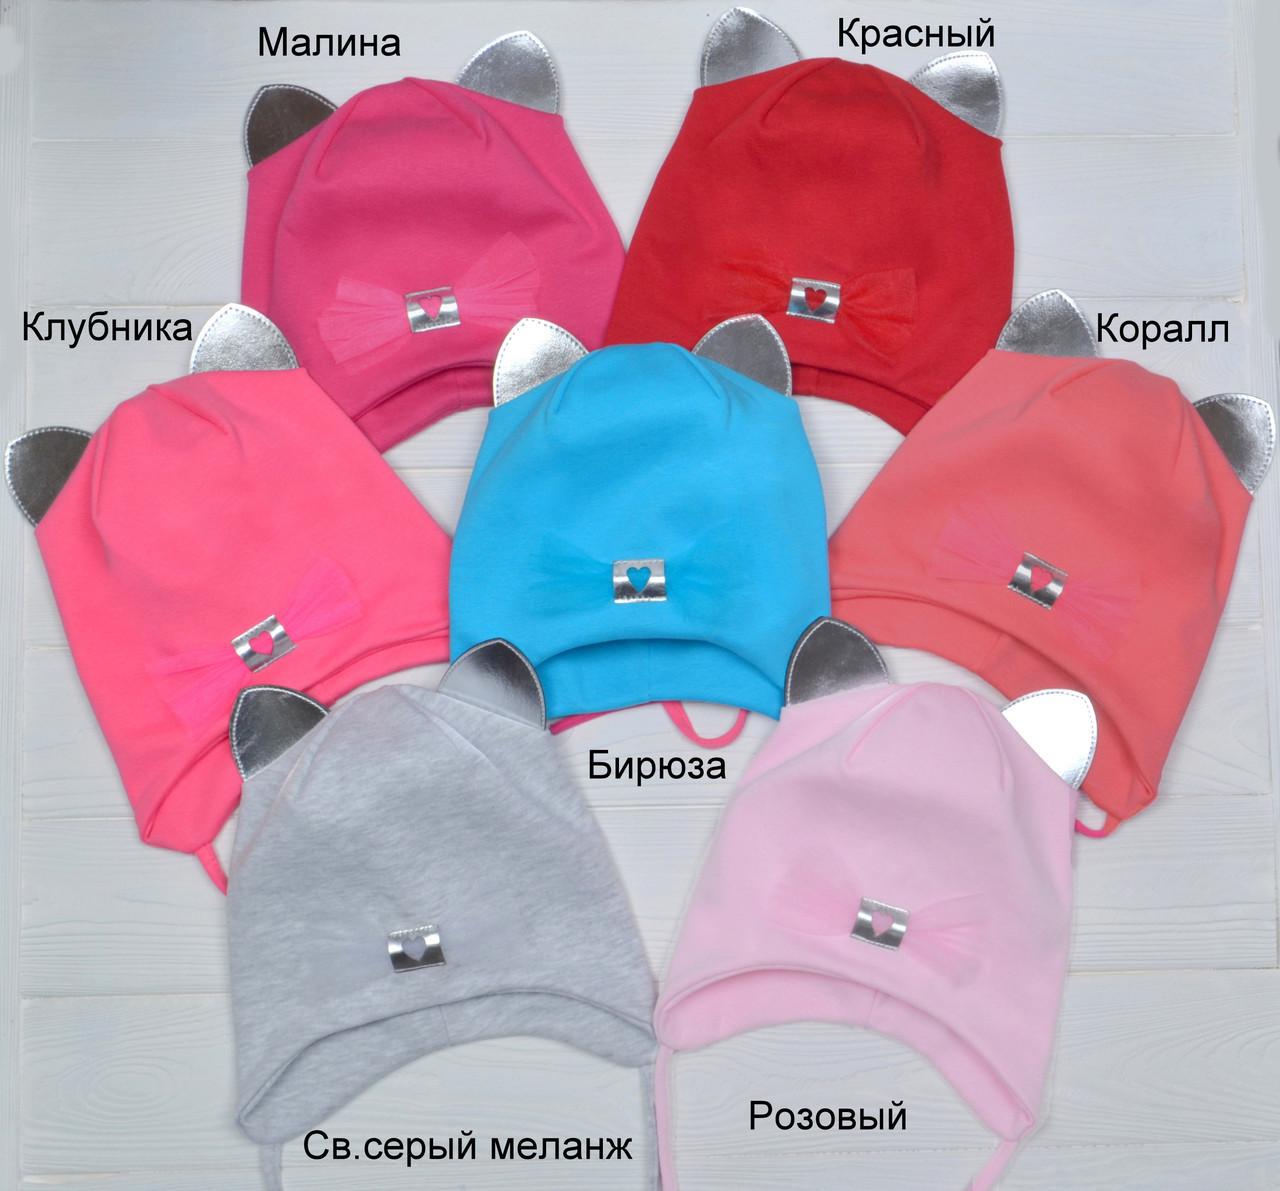 Шапка с кошачьими ушками для девочки Разные цвета 48, 52 52 см., Разные цвета